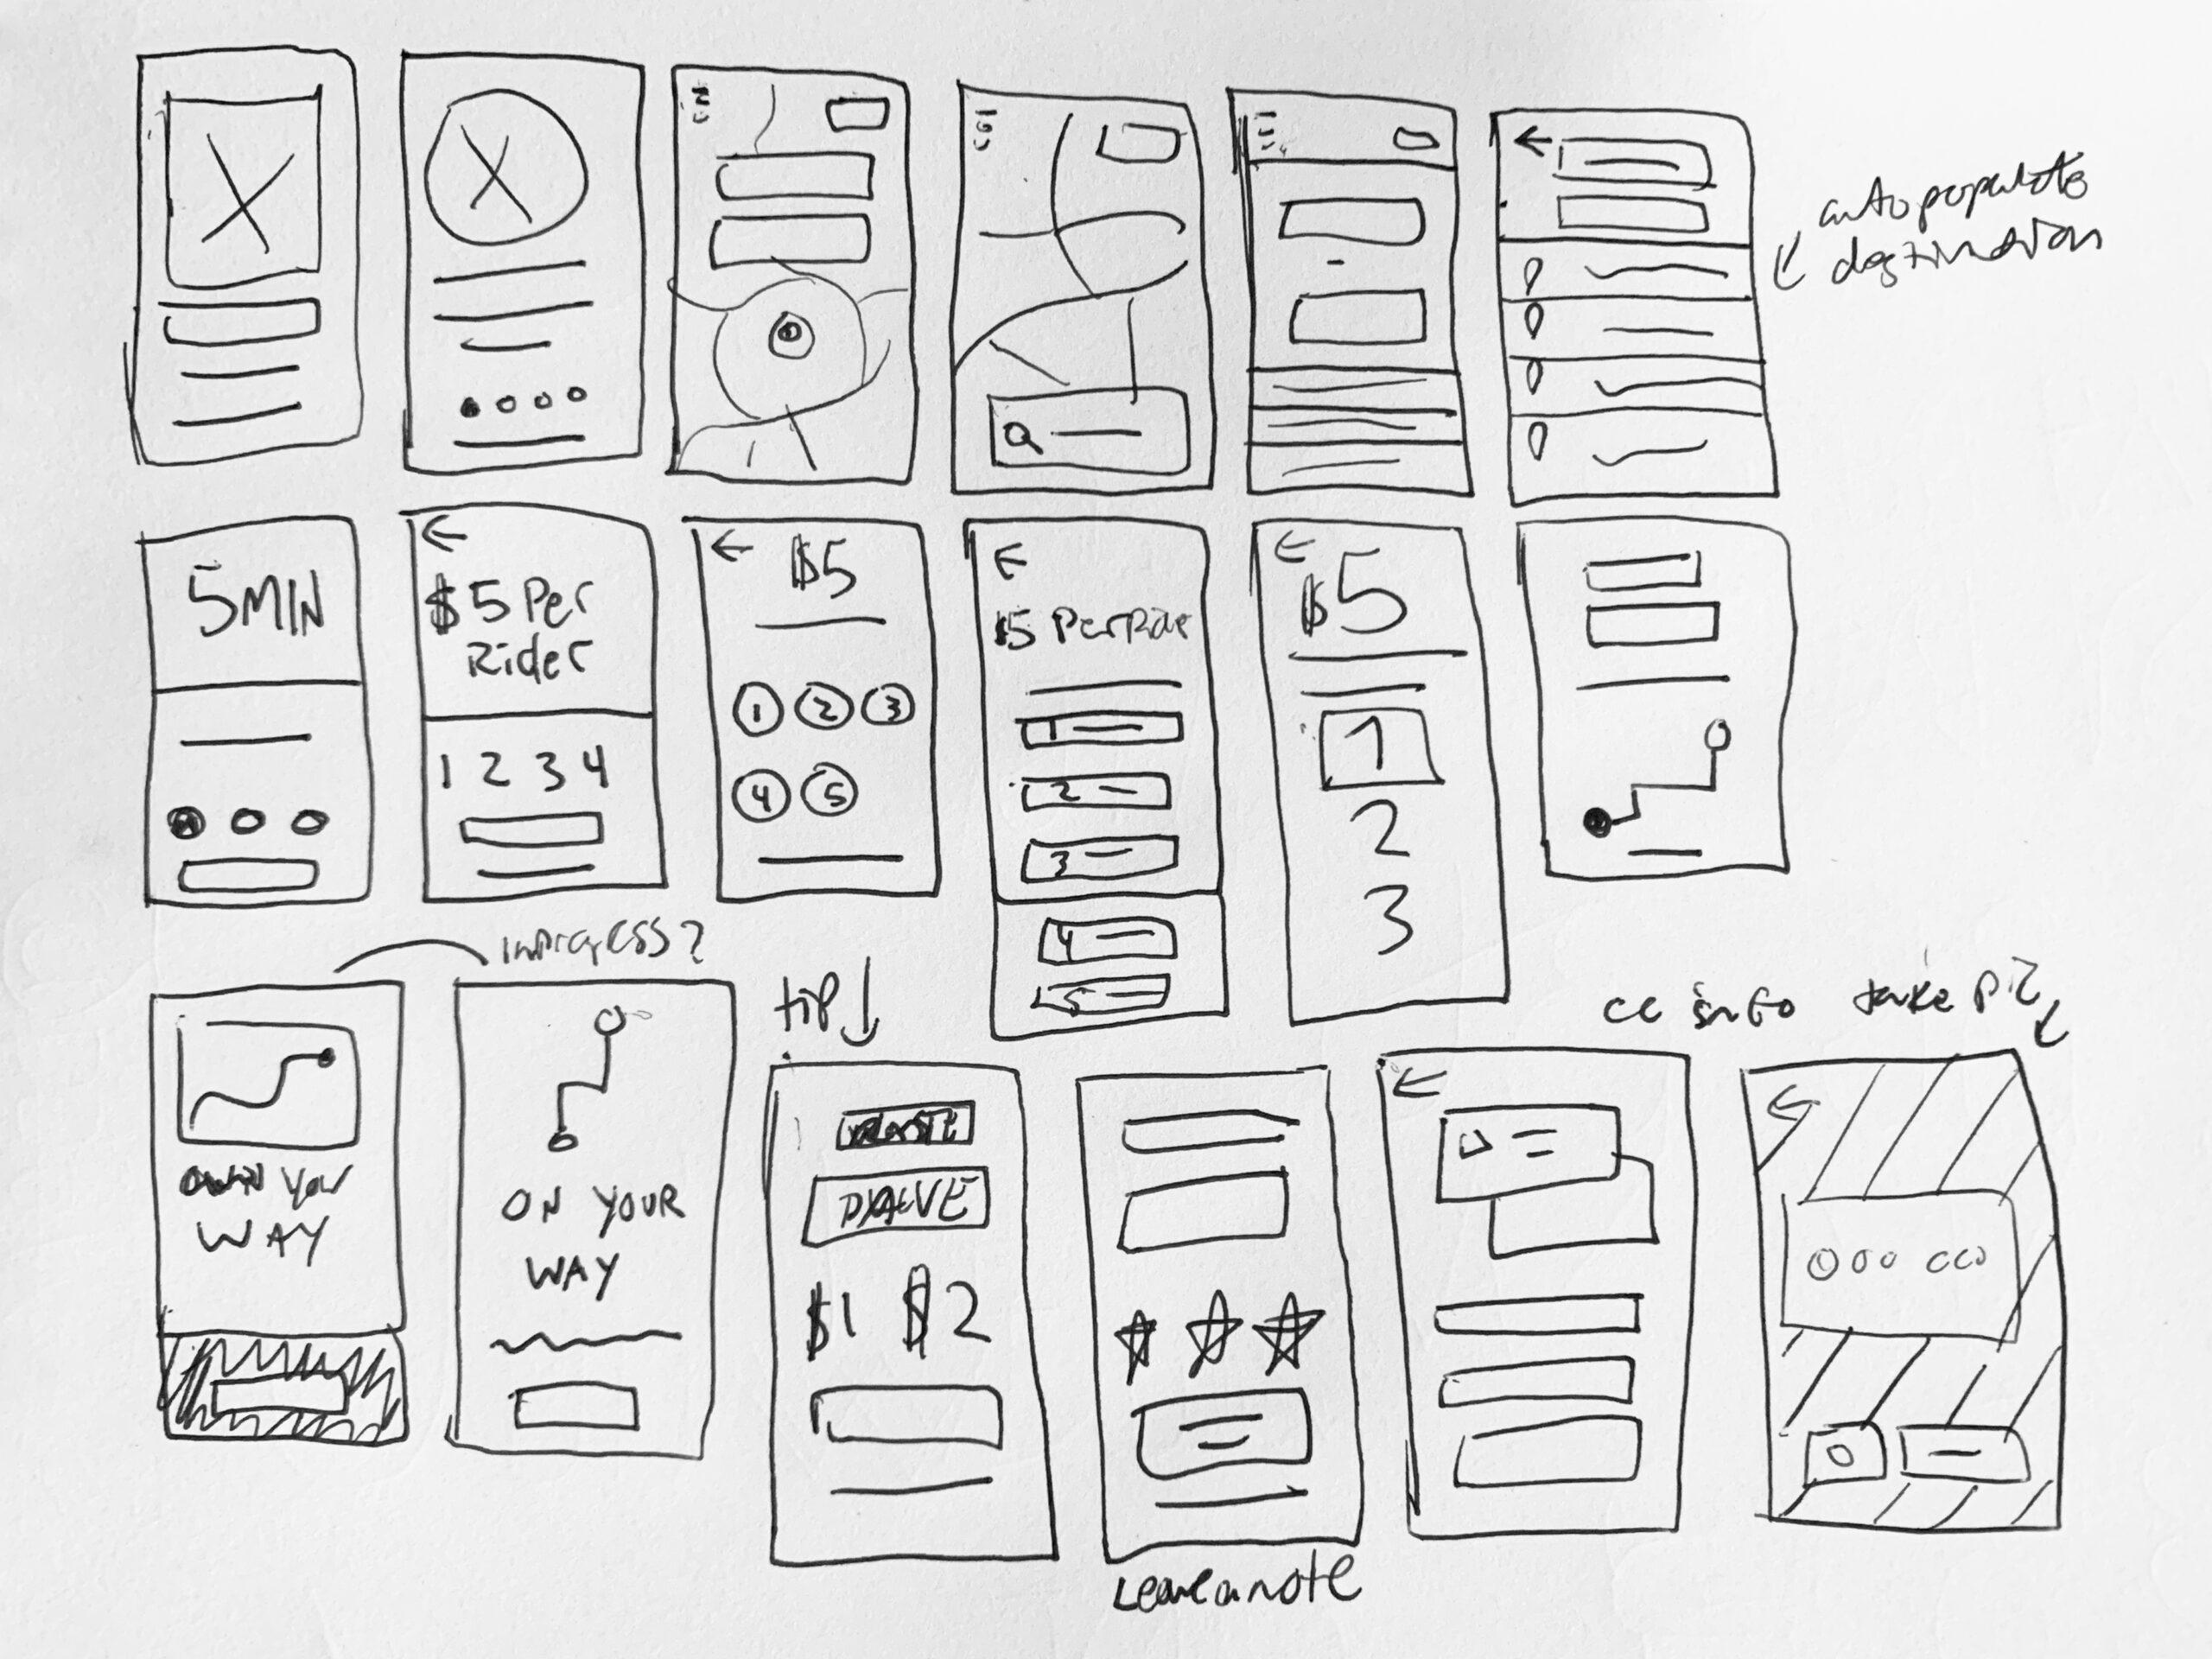 design sketches of the Gotcha Ride app